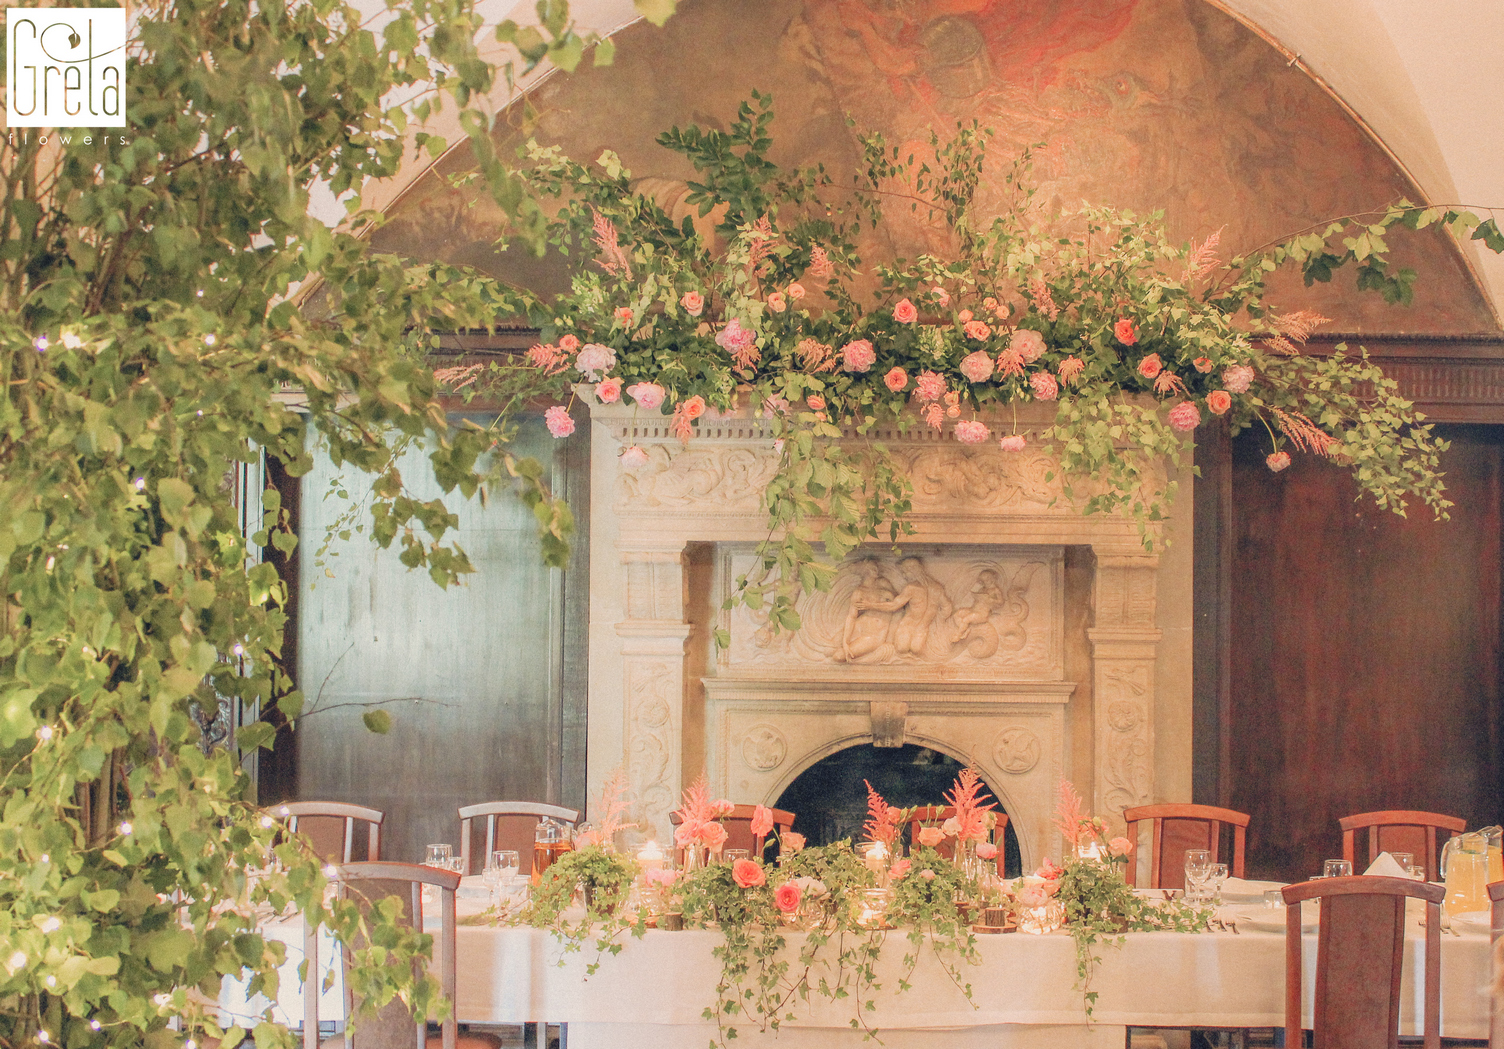 Ślub jak z bajki, czyli wesele na Zamku Czocha